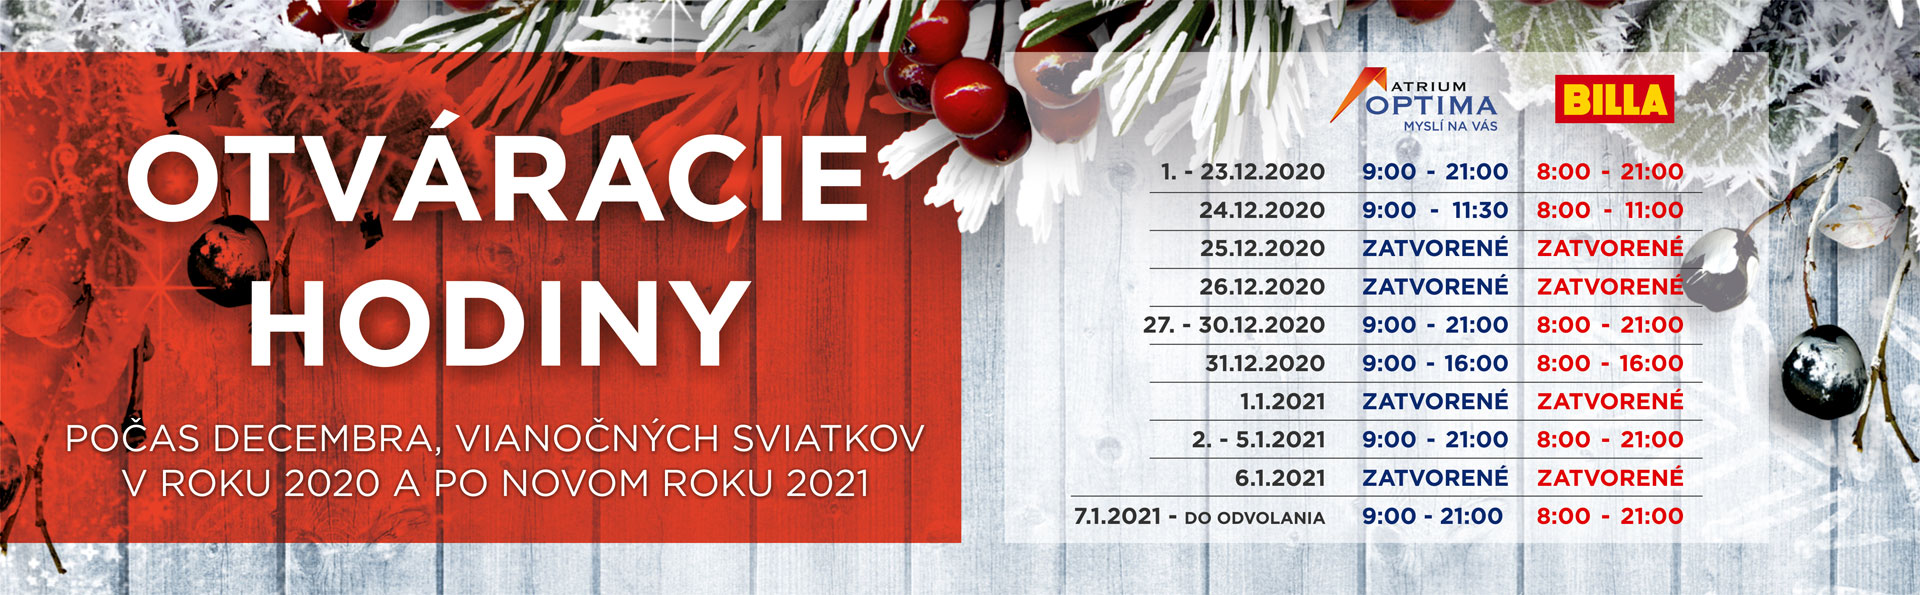 Otváracie hodiny počas decembra, vianočných sviatkov a Nového roku